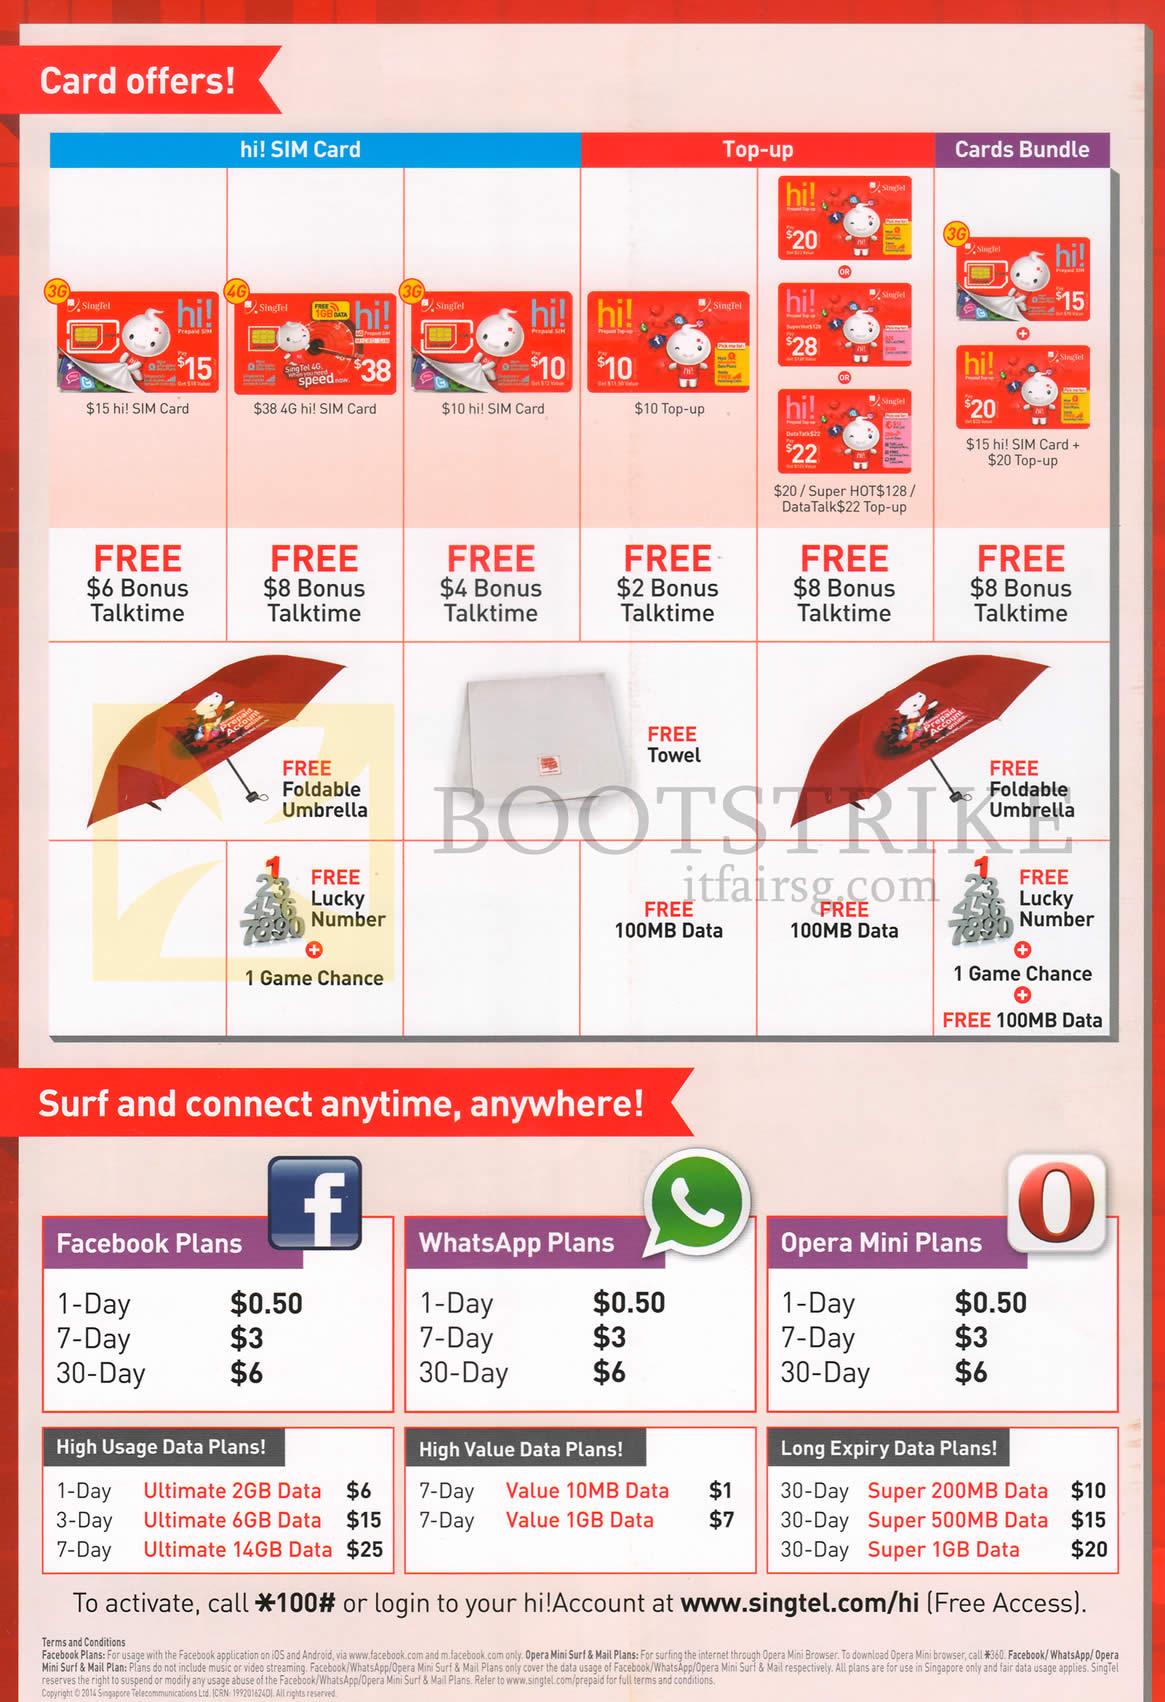 Singtel Mobile Prepaid Sim Card, Top-Up Card, Facebook, WhatsApp